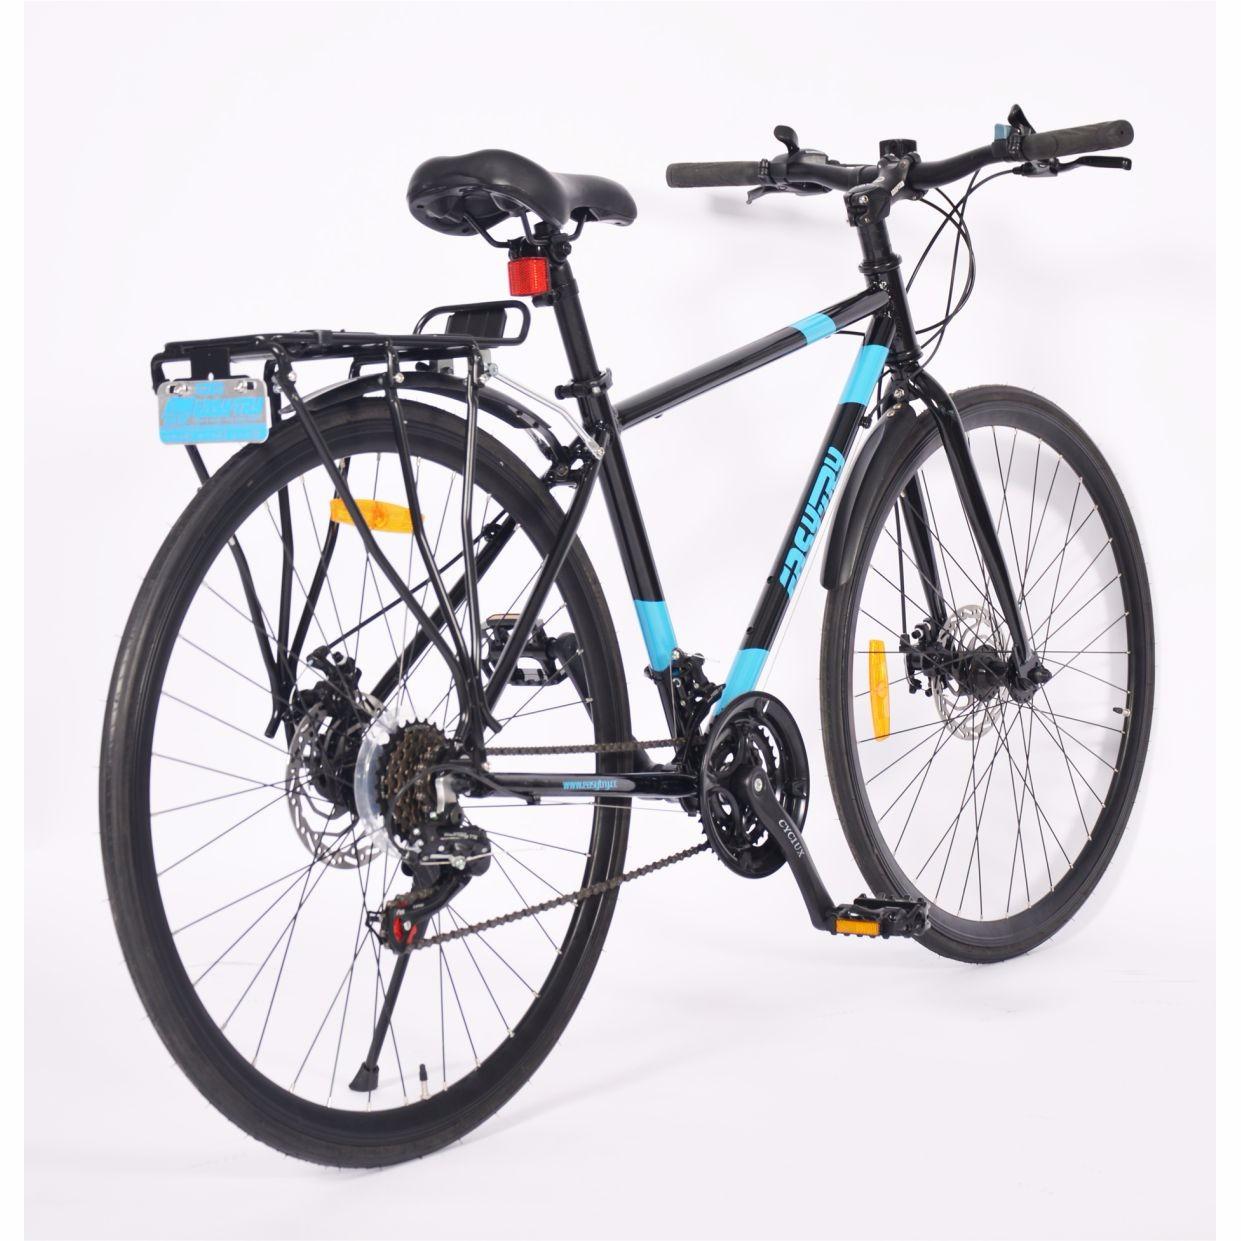 شراء الدراجات سبائك الألومنيوم السفر دراجات الحضرية للبالغين ,الدراجات سبائك الألومنيوم السفر دراجات الحضرية للبالغين الأسعار ·الدراجات سبائك الألومنيوم السفر دراجات الحضرية للبالغين العلامات التجارية ,الدراجات سبائك الألومنيوم السفر دراجات الحضرية للبالغين الصانع ,الدراجات سبائك الألومنيوم السفر دراجات الحضرية للبالغين اقتباس ·الدراجات سبائك الألومنيوم السفر دراجات الحضرية للبالغين الشركة